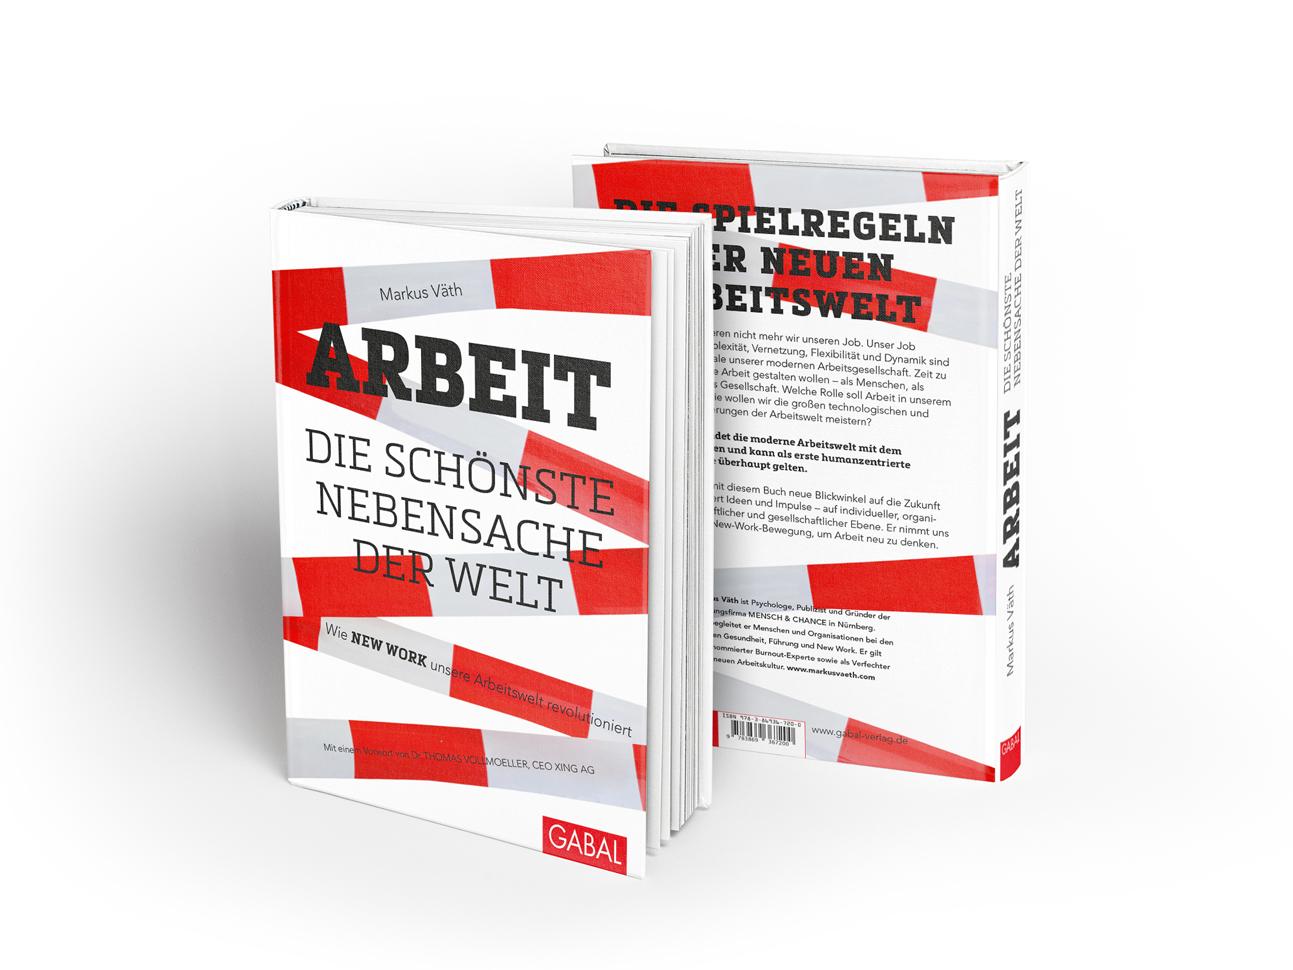 martin_zech_design_buchcovergestaltung_sven_vaeth_arbeit